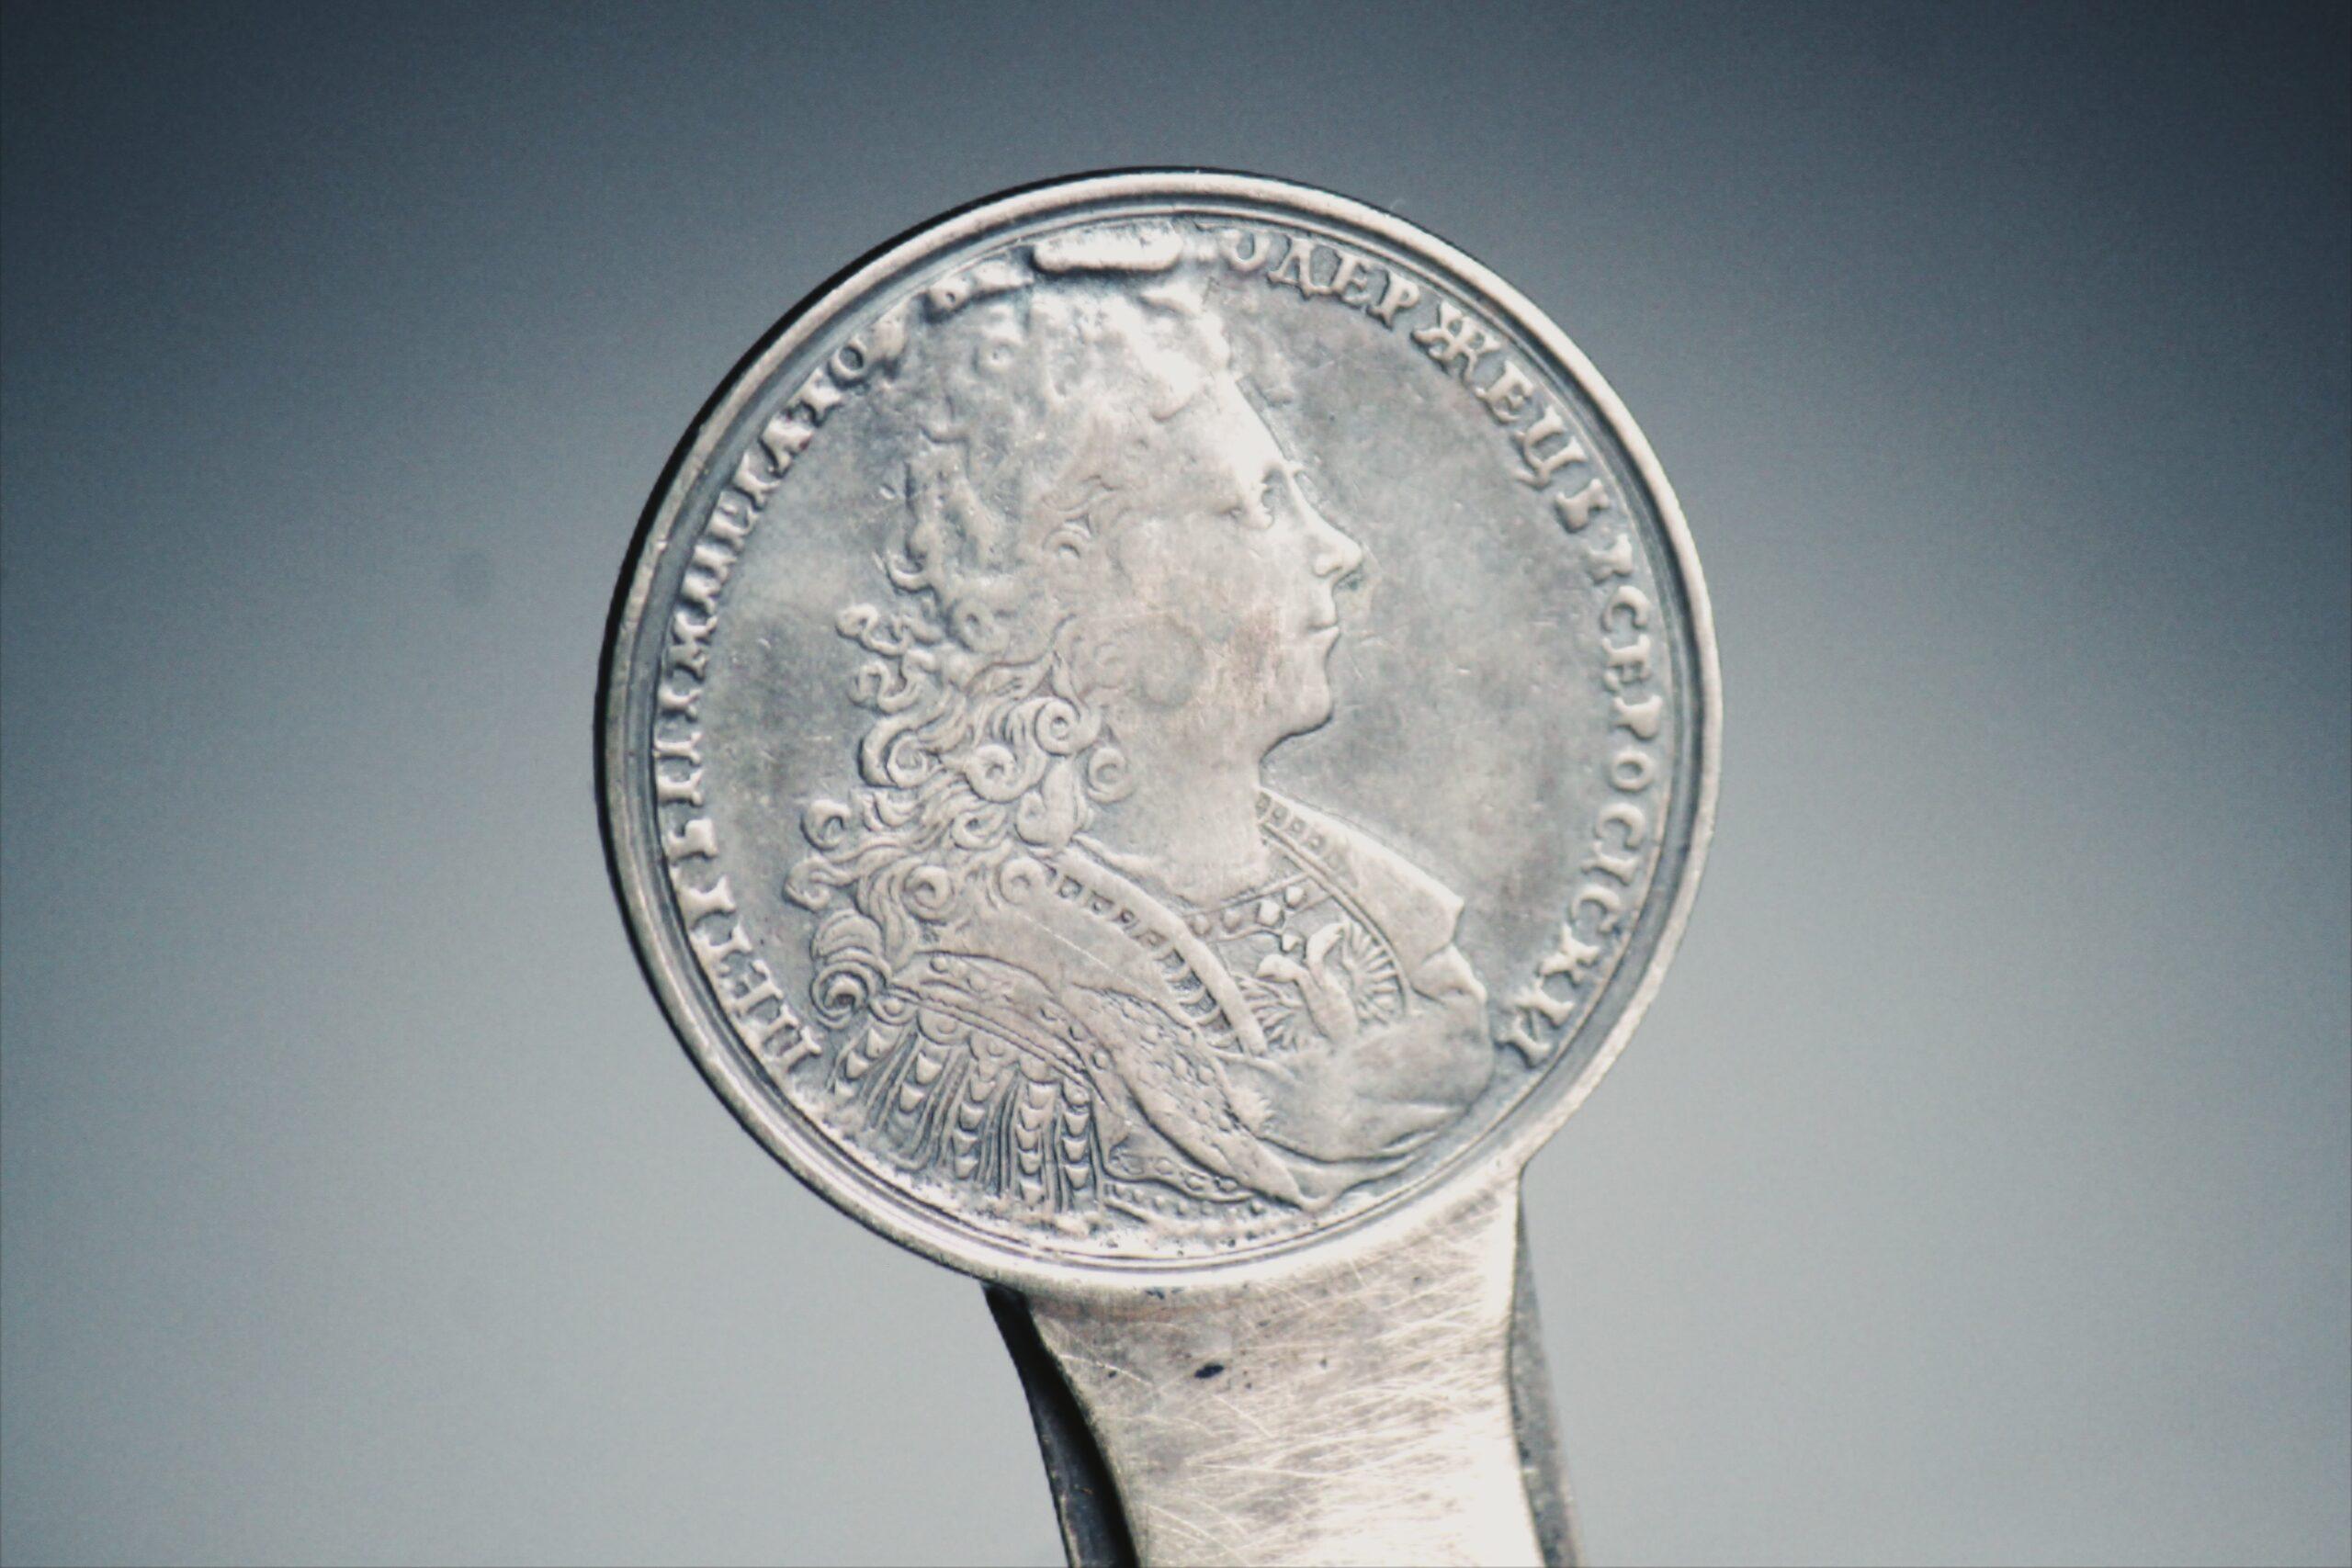 Salg af sølv – tjen penge på dit gamle sølv